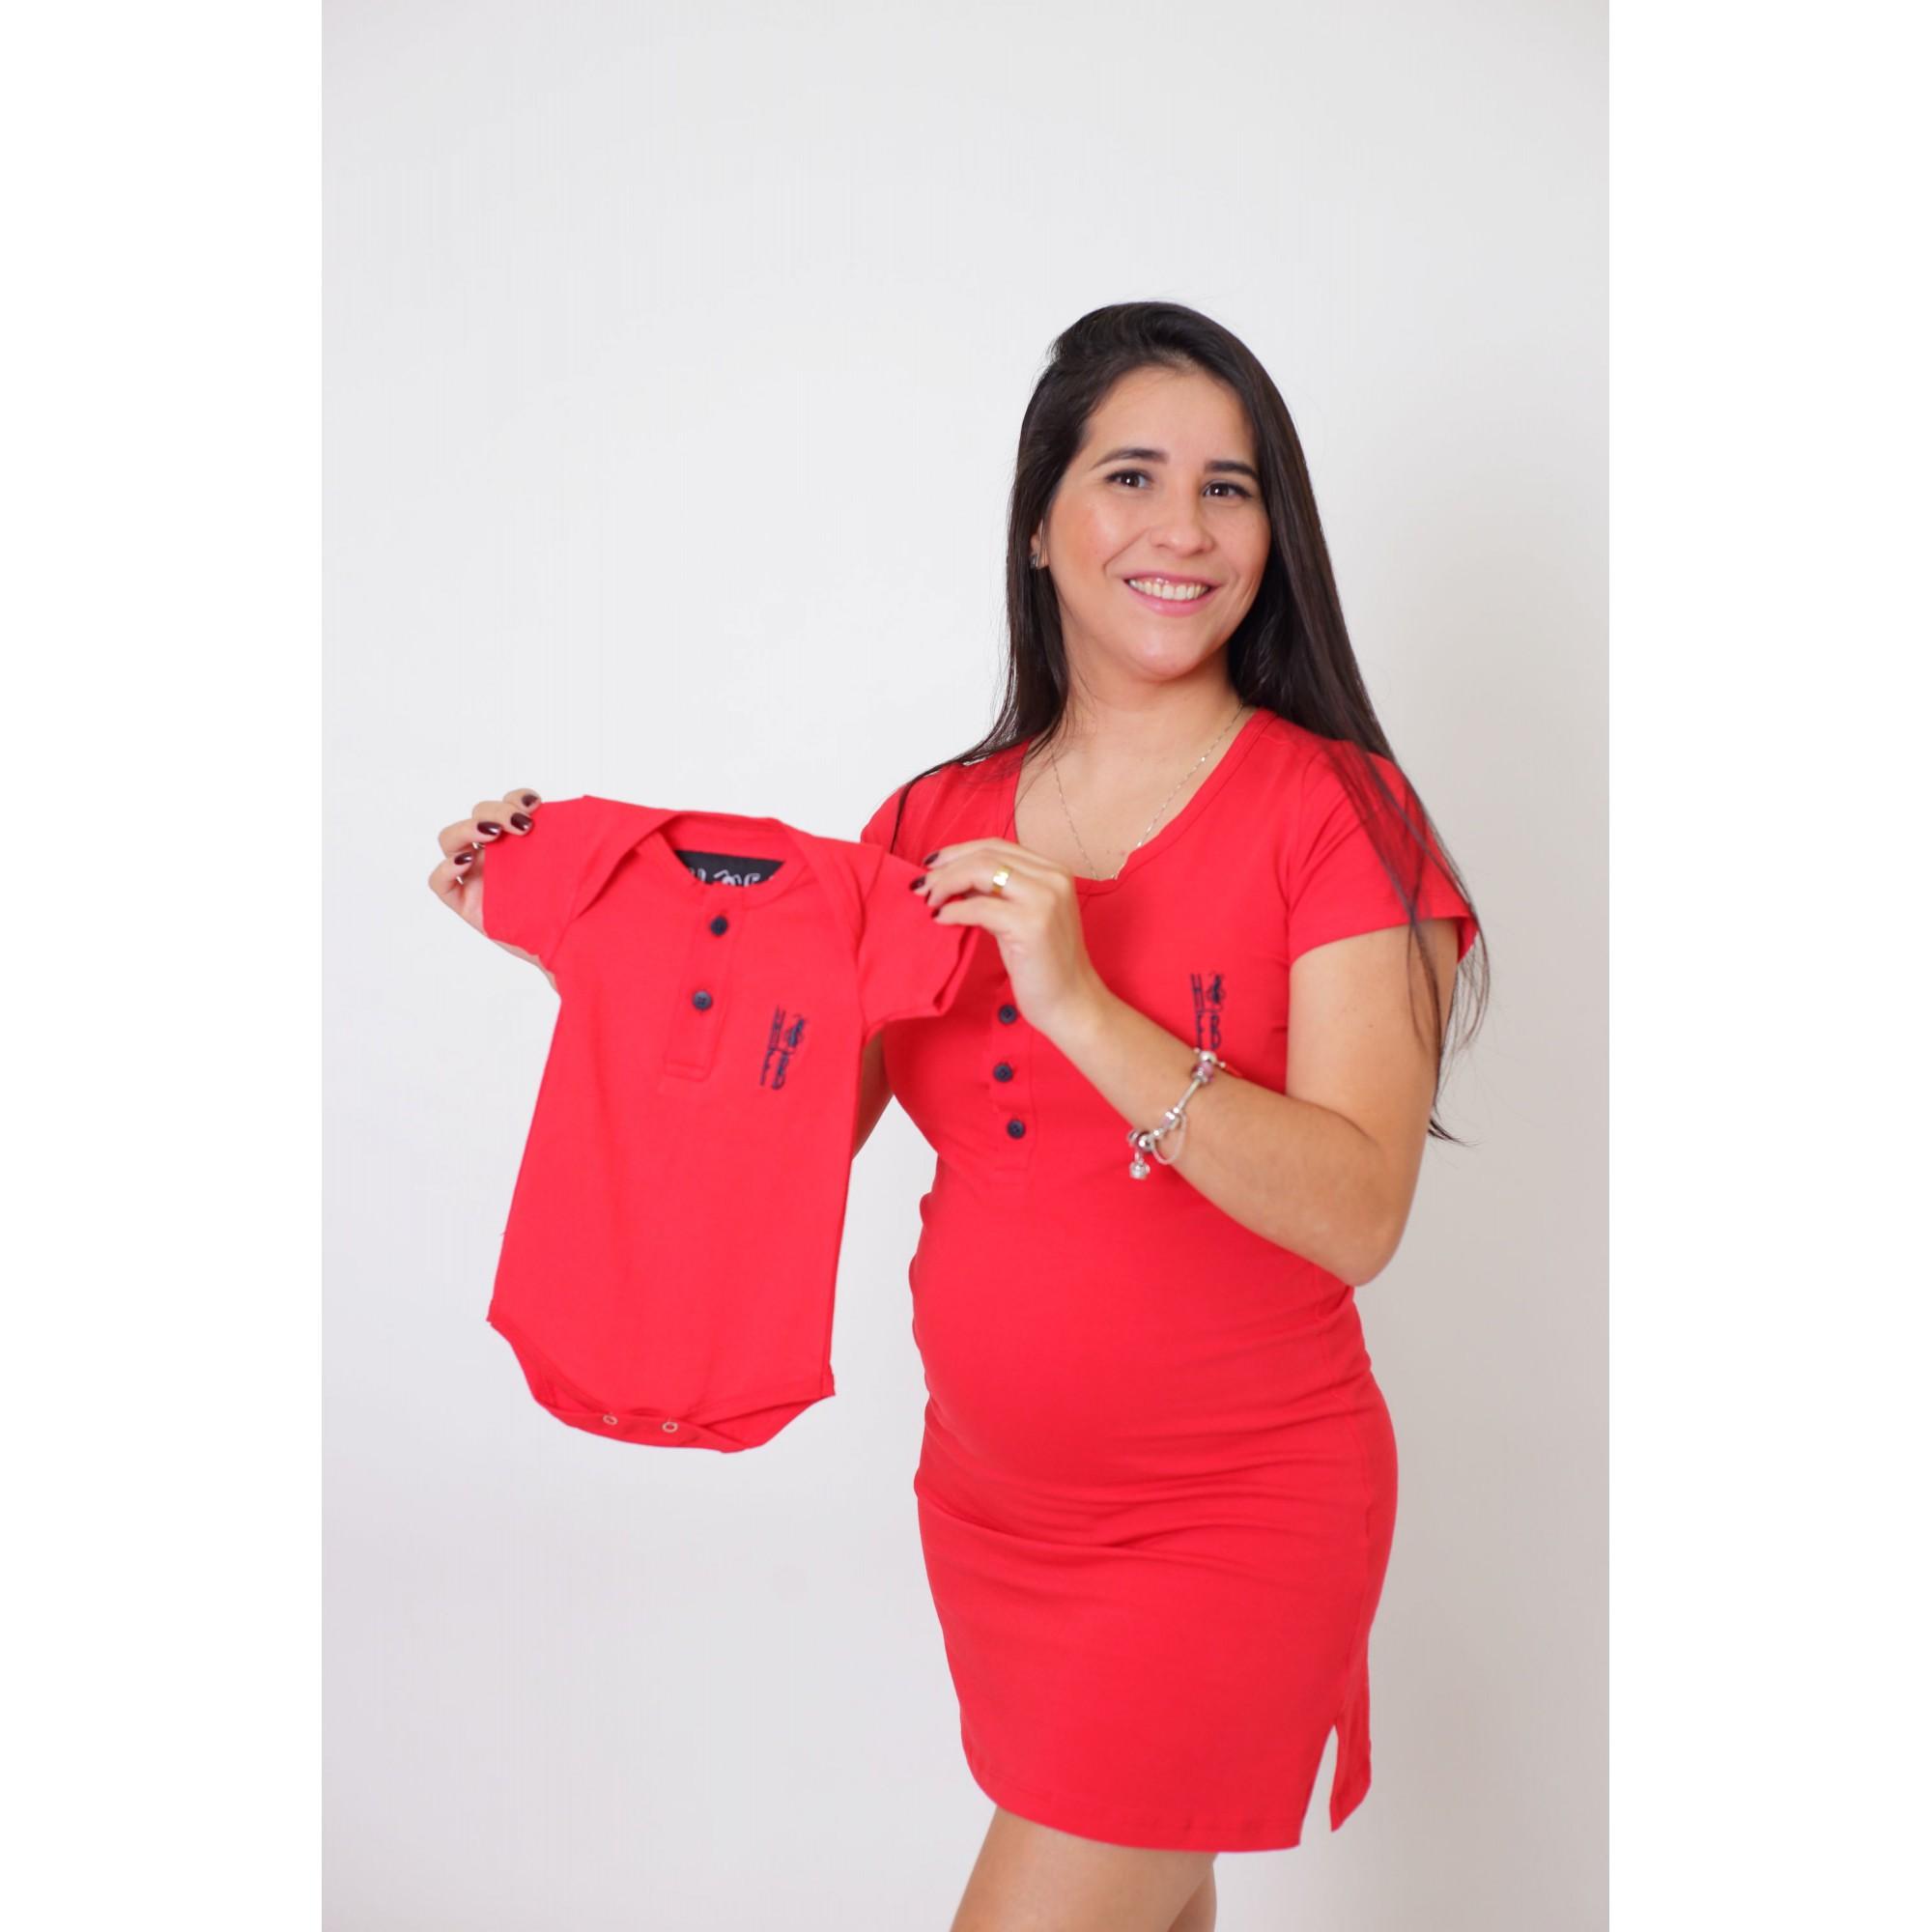 PAIS E FILHOS > Kit 3 Peças T-Shirt + Vestido + Body  Unissex Henley - Vermelho [Coleção Família]  - Heitor Fashion Brazil